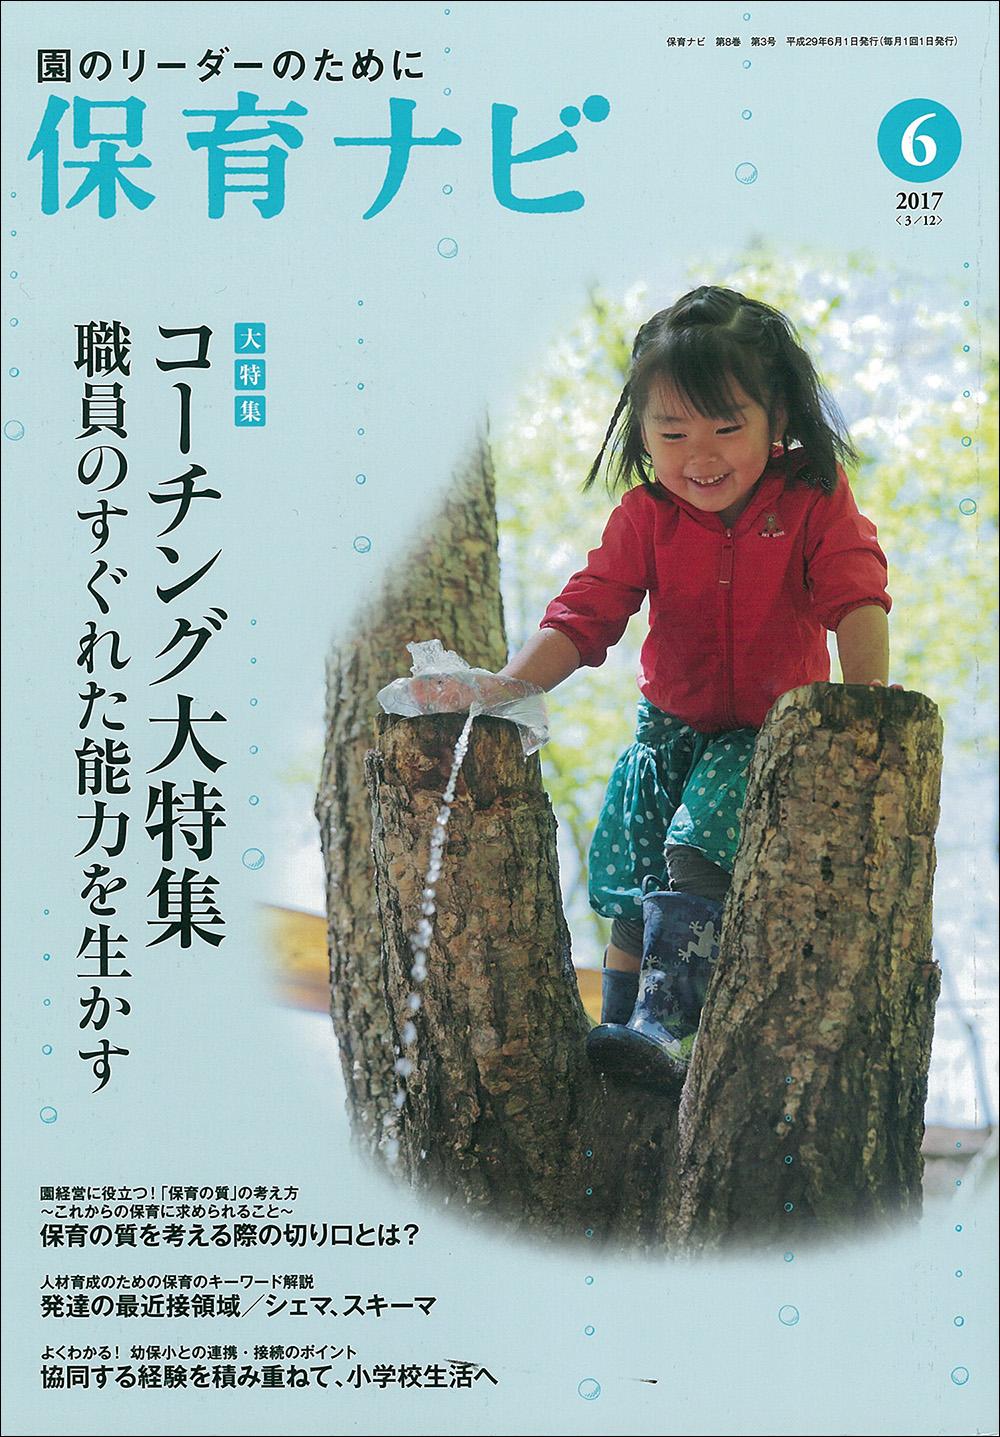 保育ナビ6月号「日本全国養成校紹介」に掲載